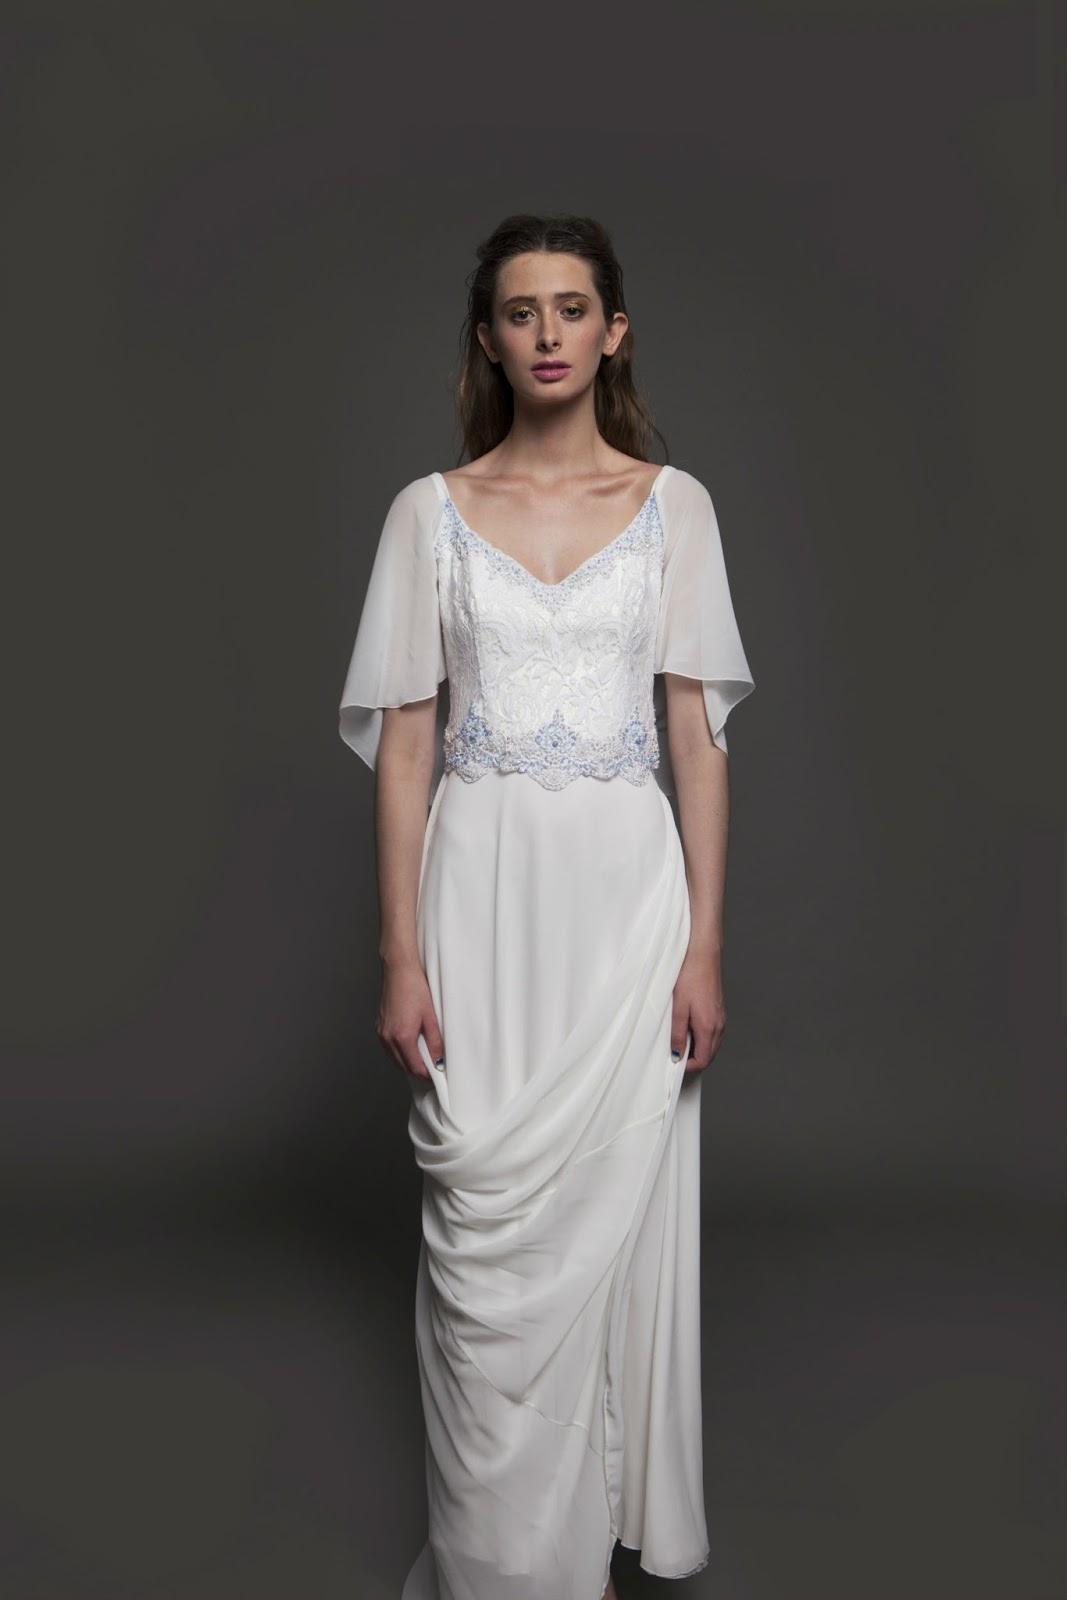 Proceso de elaboracion de vestidos de novia